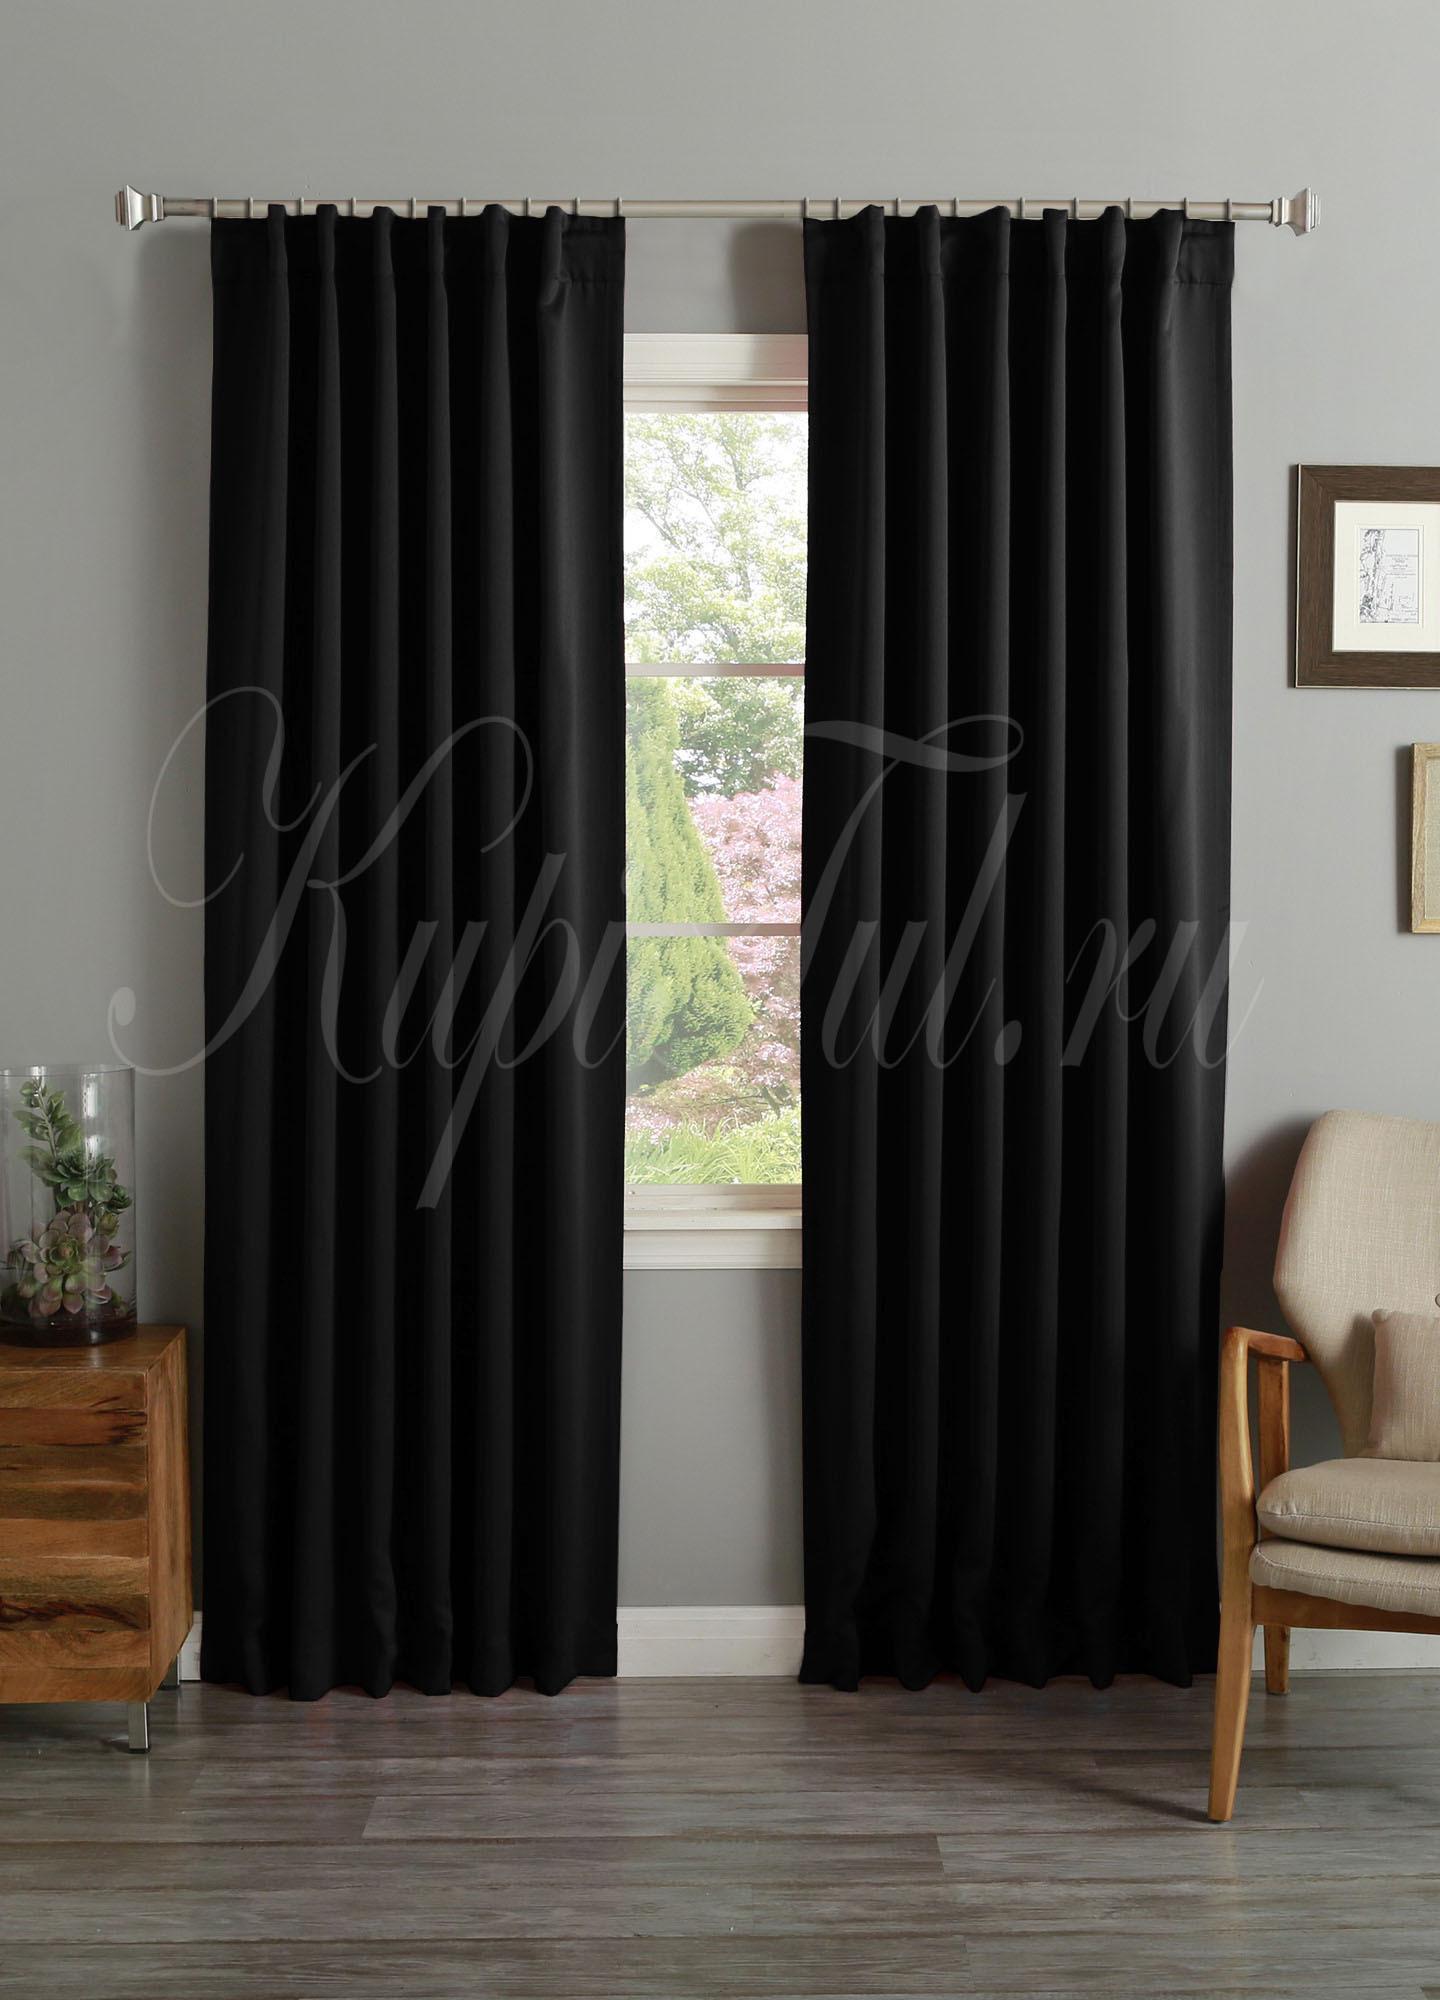 Длинные шторы. Classic Blackout (Черный). Однотонный блэкаут